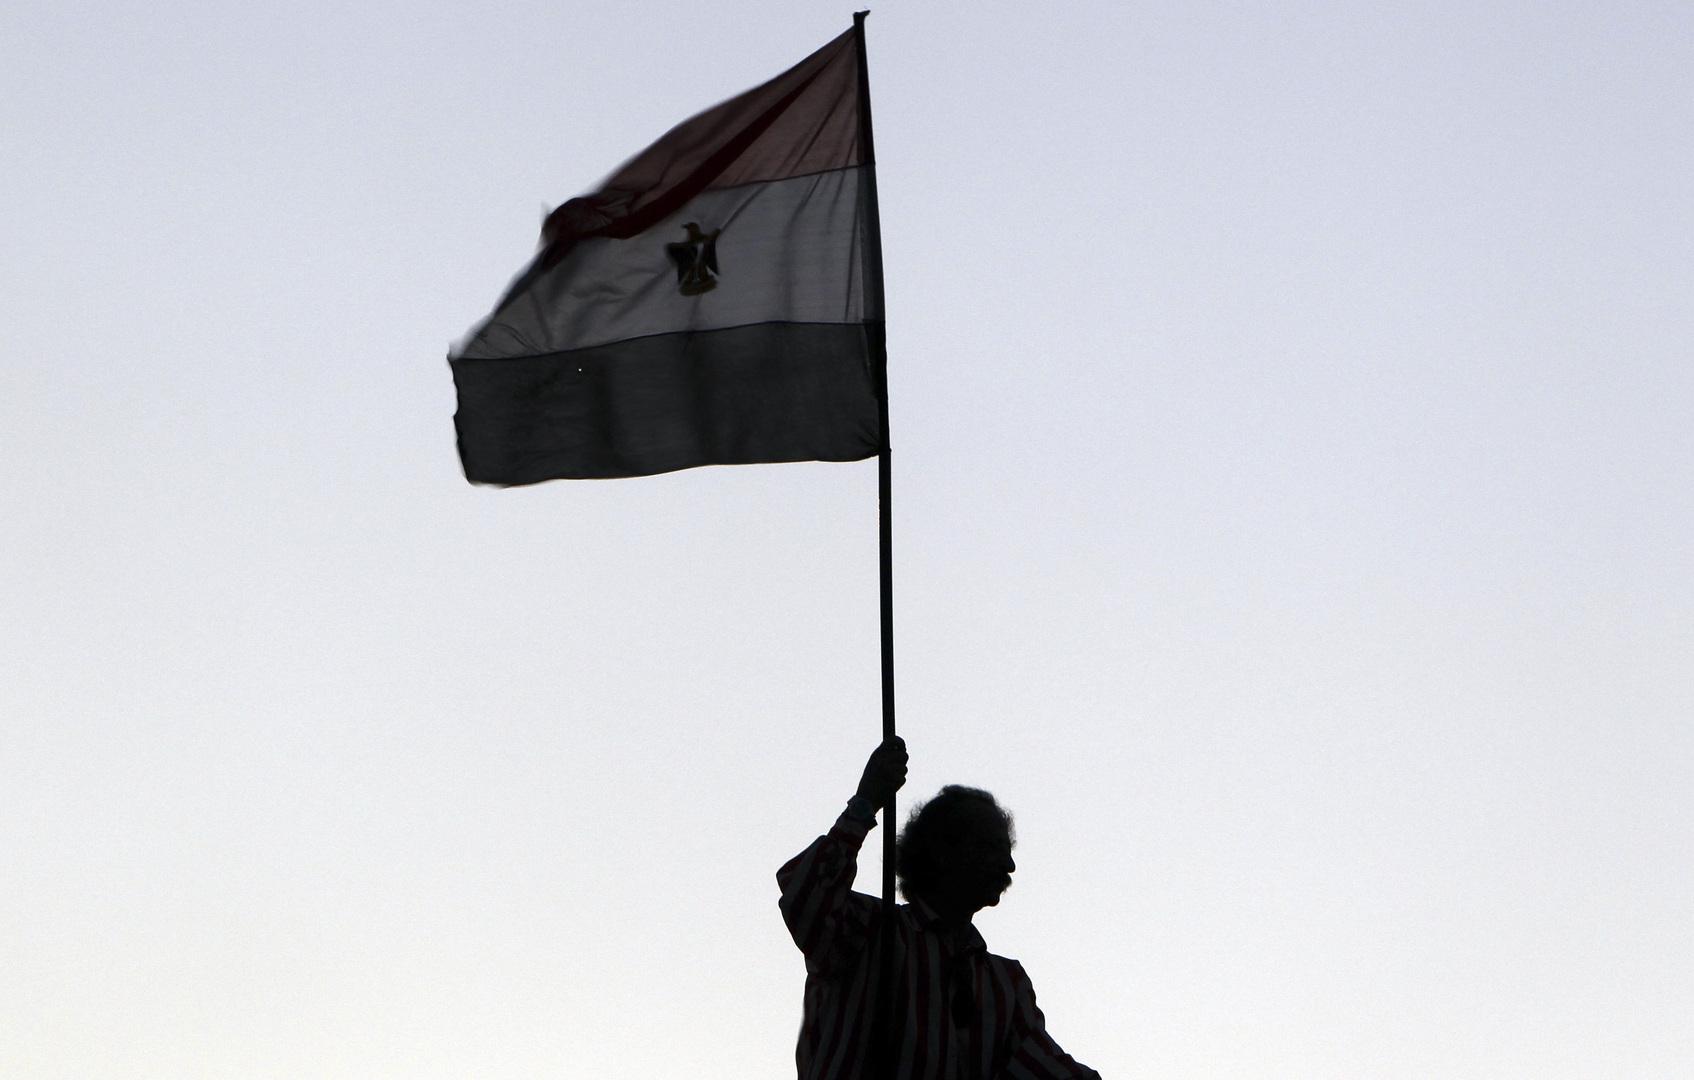 مصر توجه رسالة لمواطنيها العالقين حول العالم بسبب فيروس كورونا